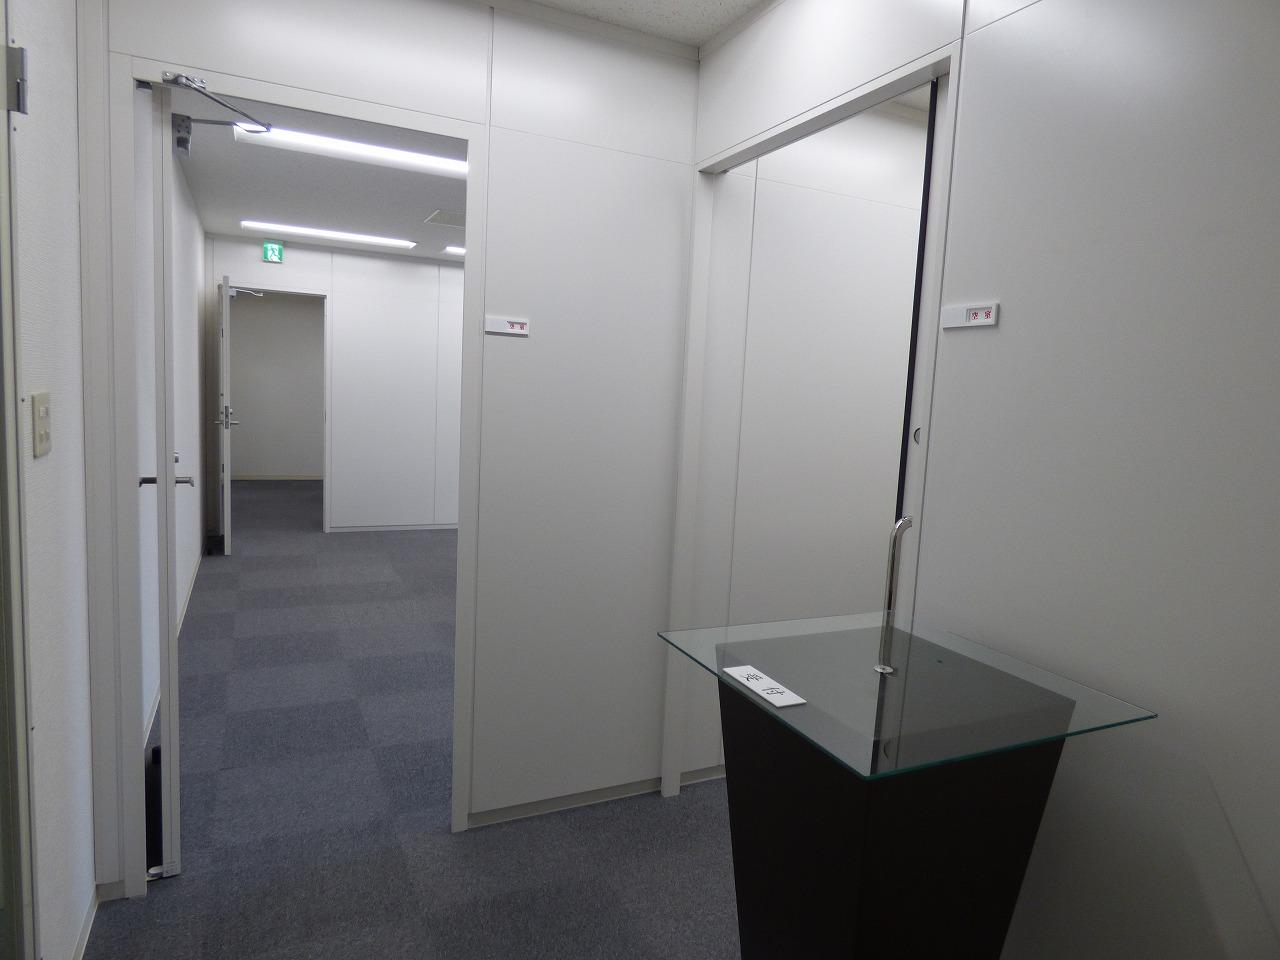 【居抜きオフィス】大阪市中央区! 約20坪!会議室・執務室が完備♪